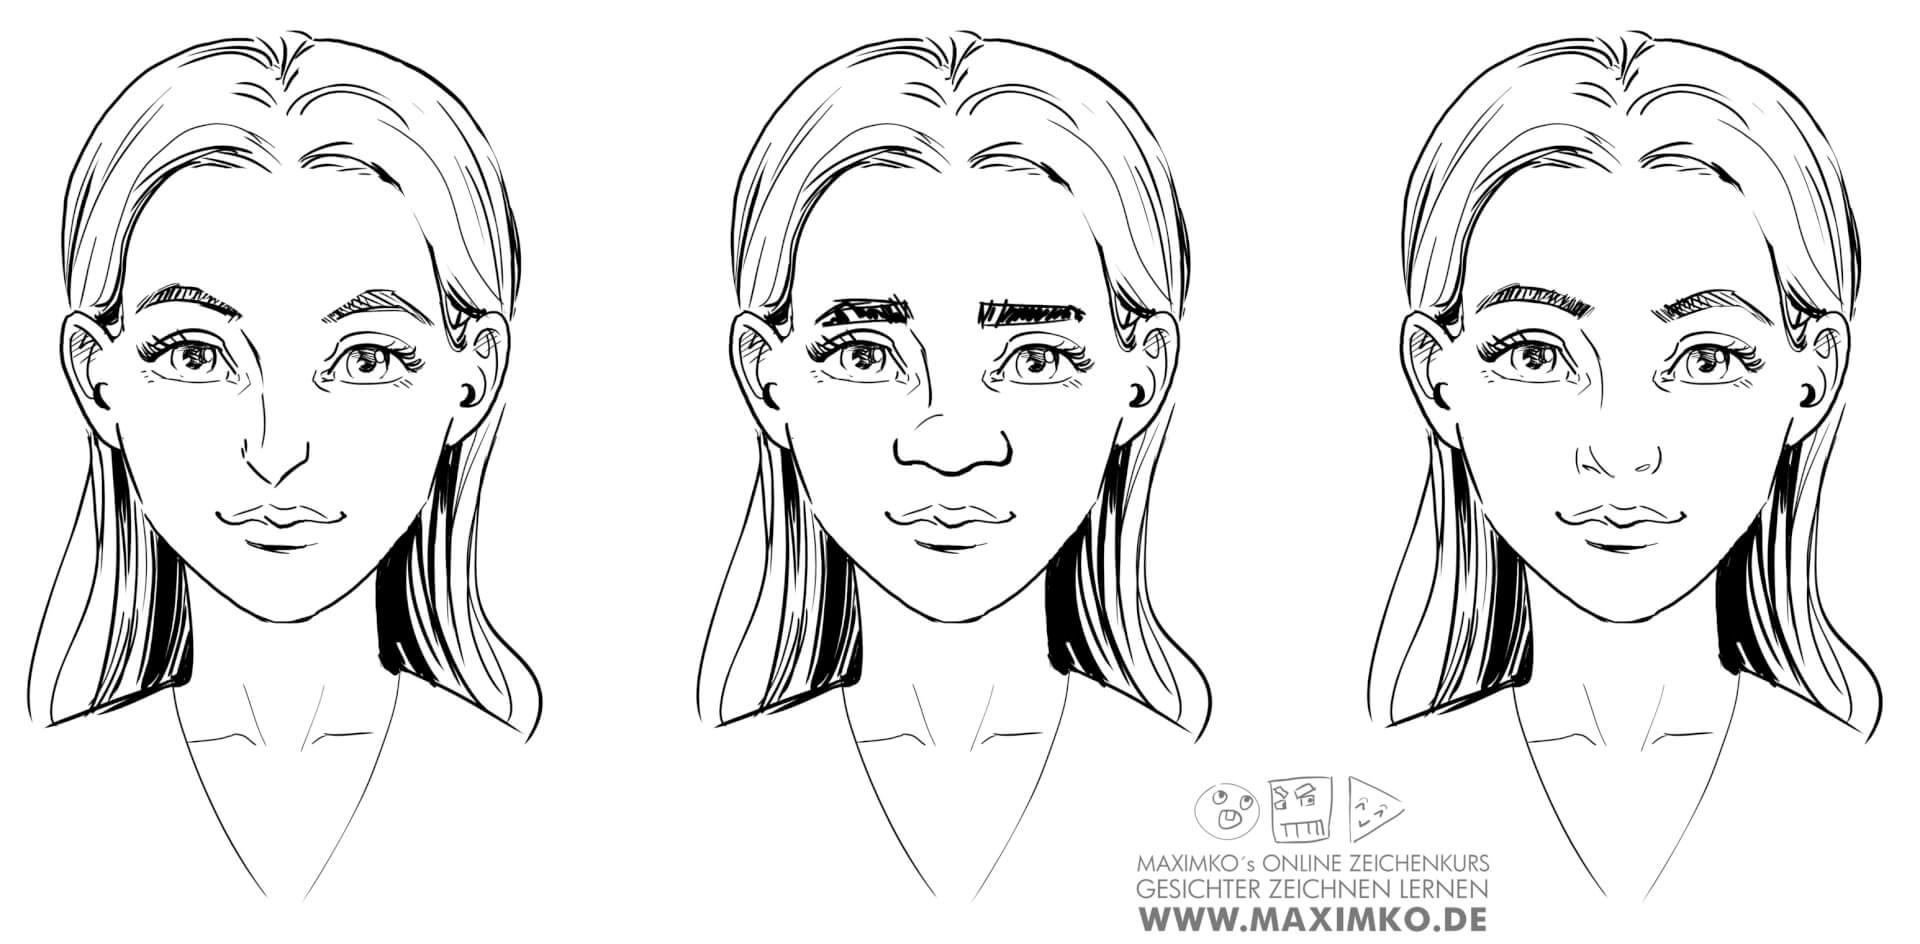 nase zeichnen lernen tutorial online kurs workshop nasenarten selbes gesicht verschiedene nasen maximko